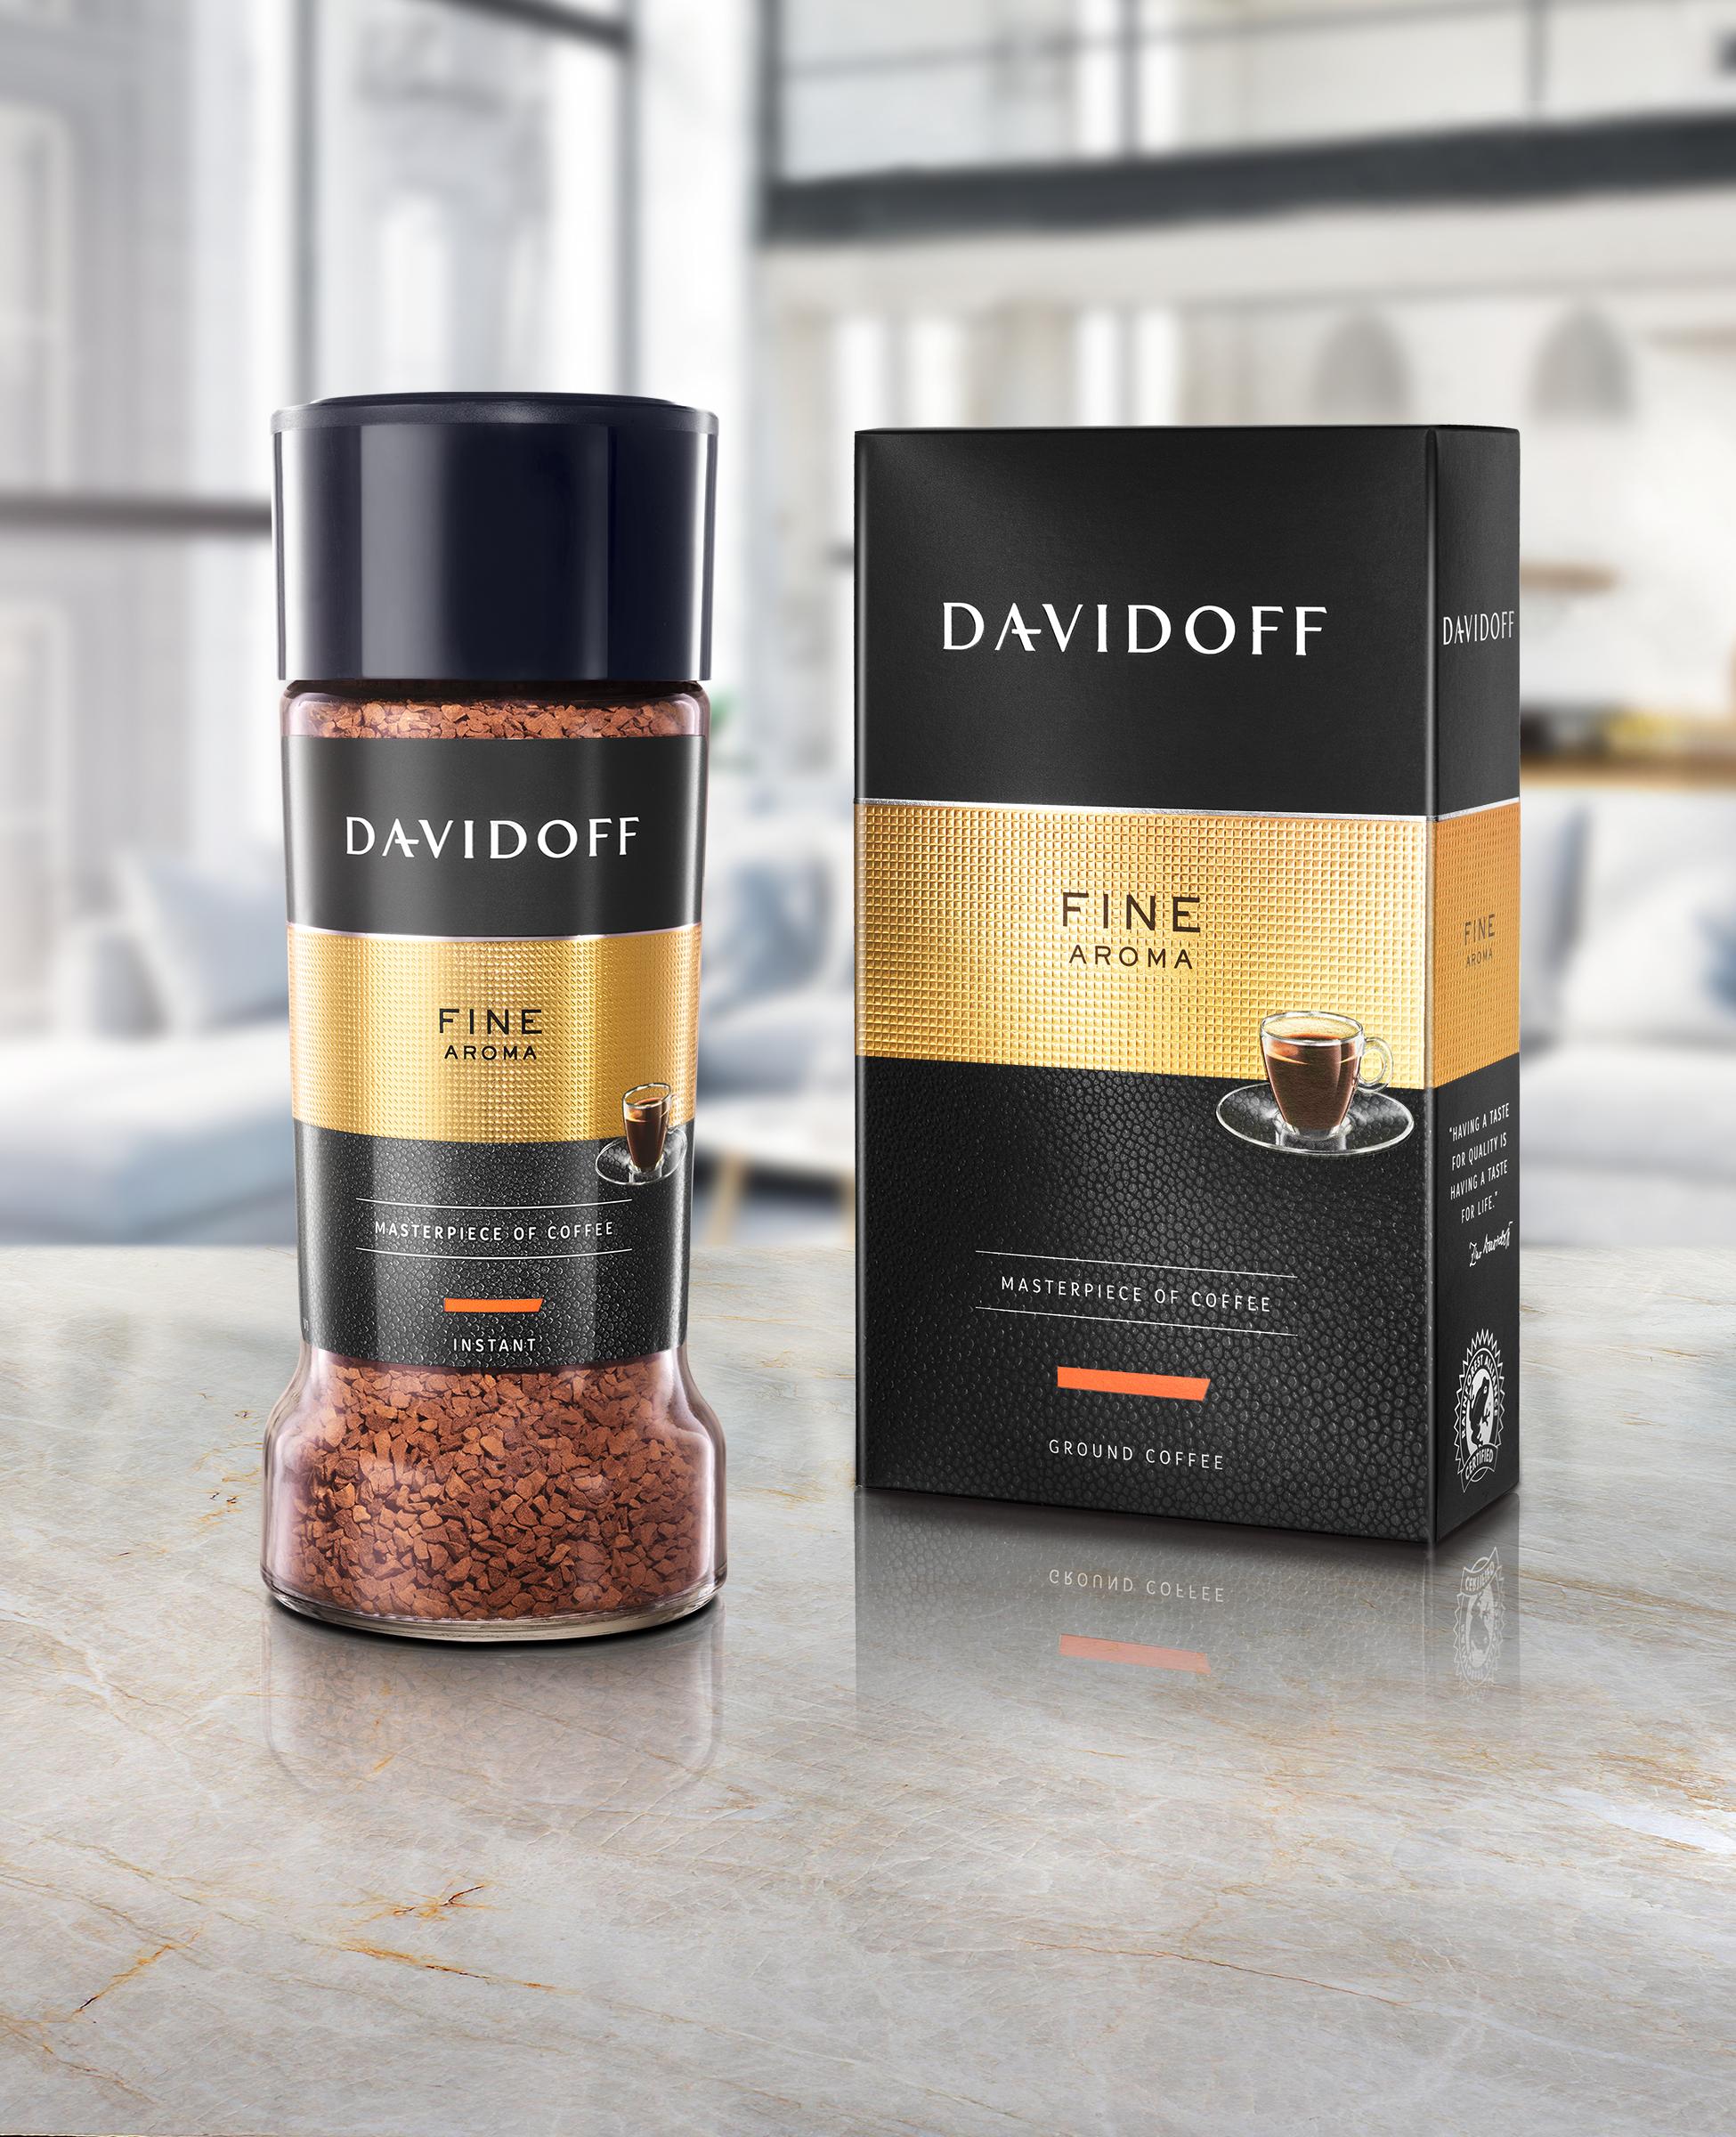 Davidoff Fine